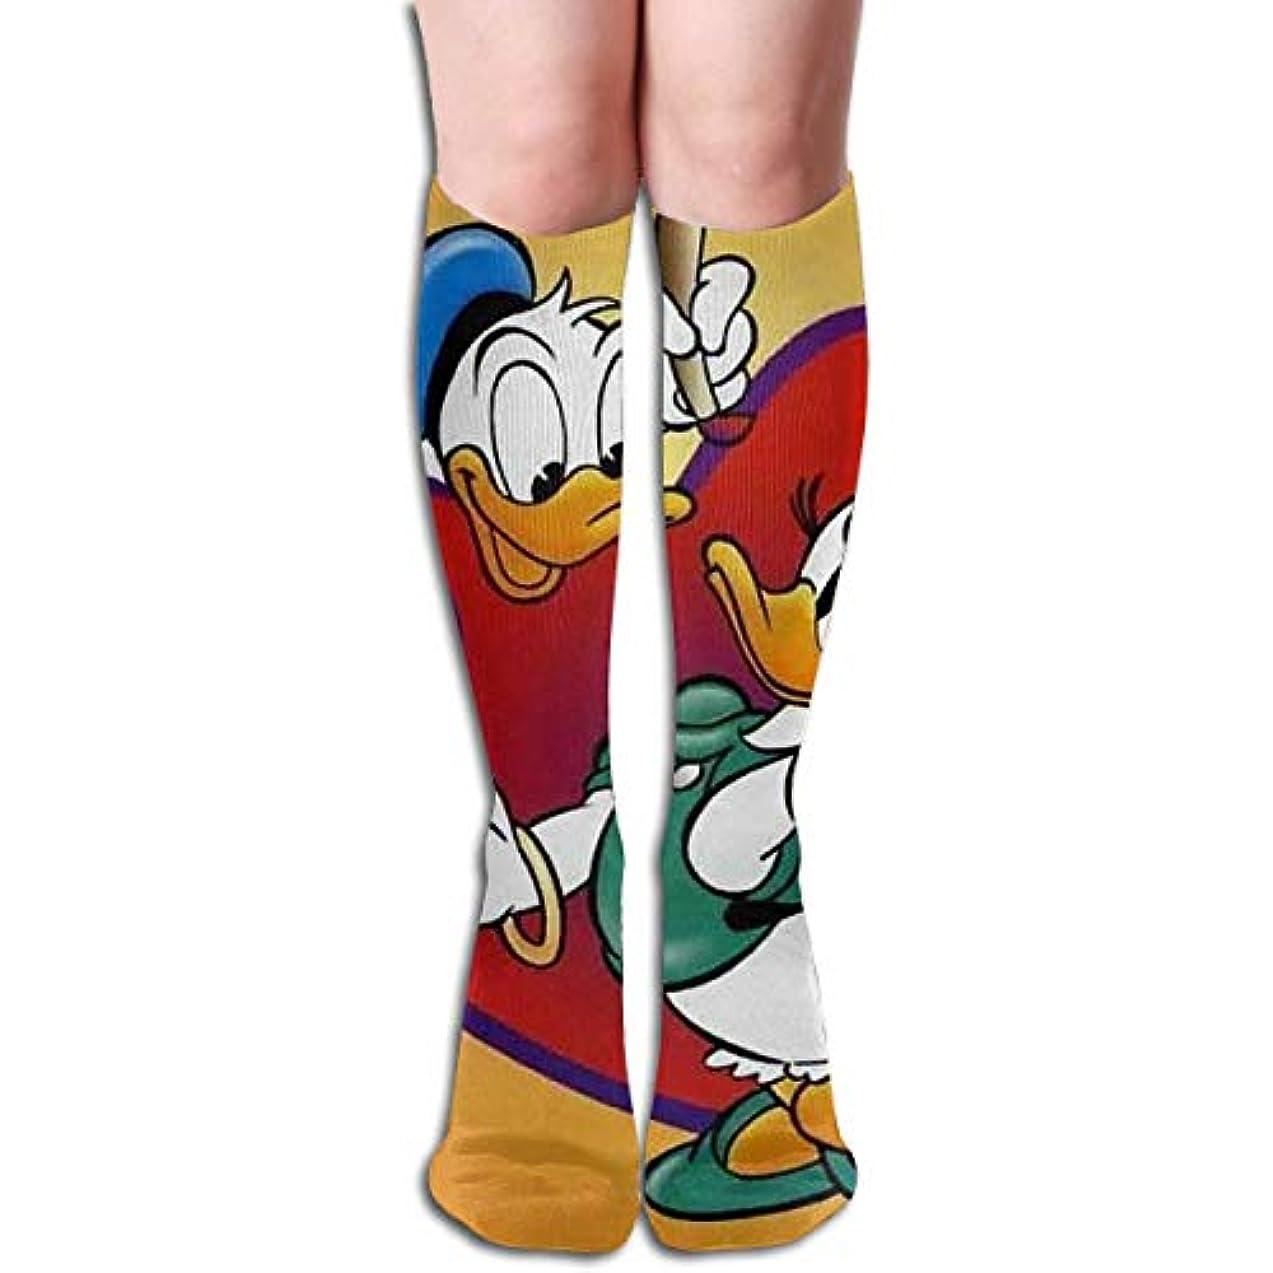 舌なやがて広いチューブのストッキングは、女性のウィンター暖かい膝ハイソックスブーツ靴下を愛する